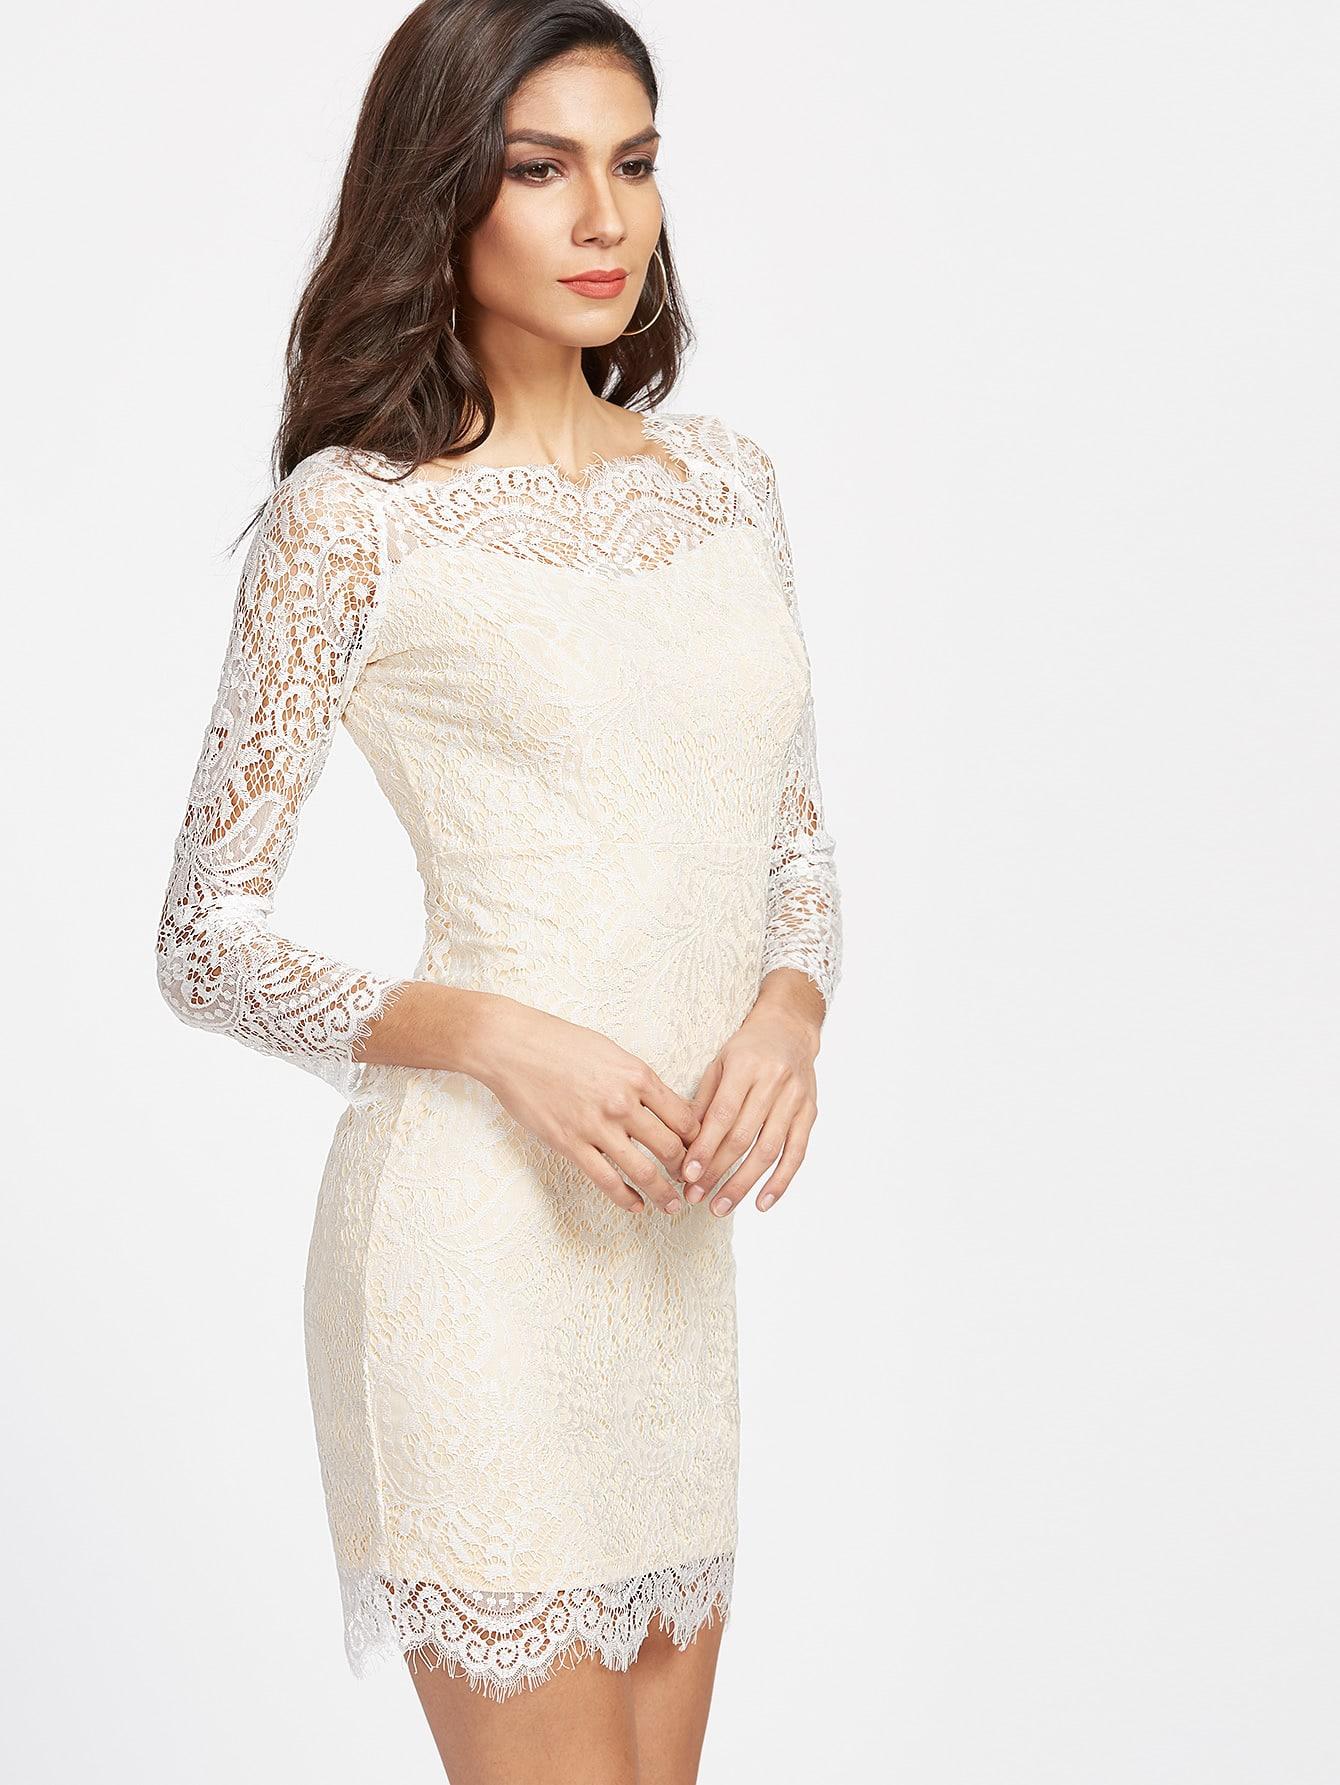 dress170320101_2